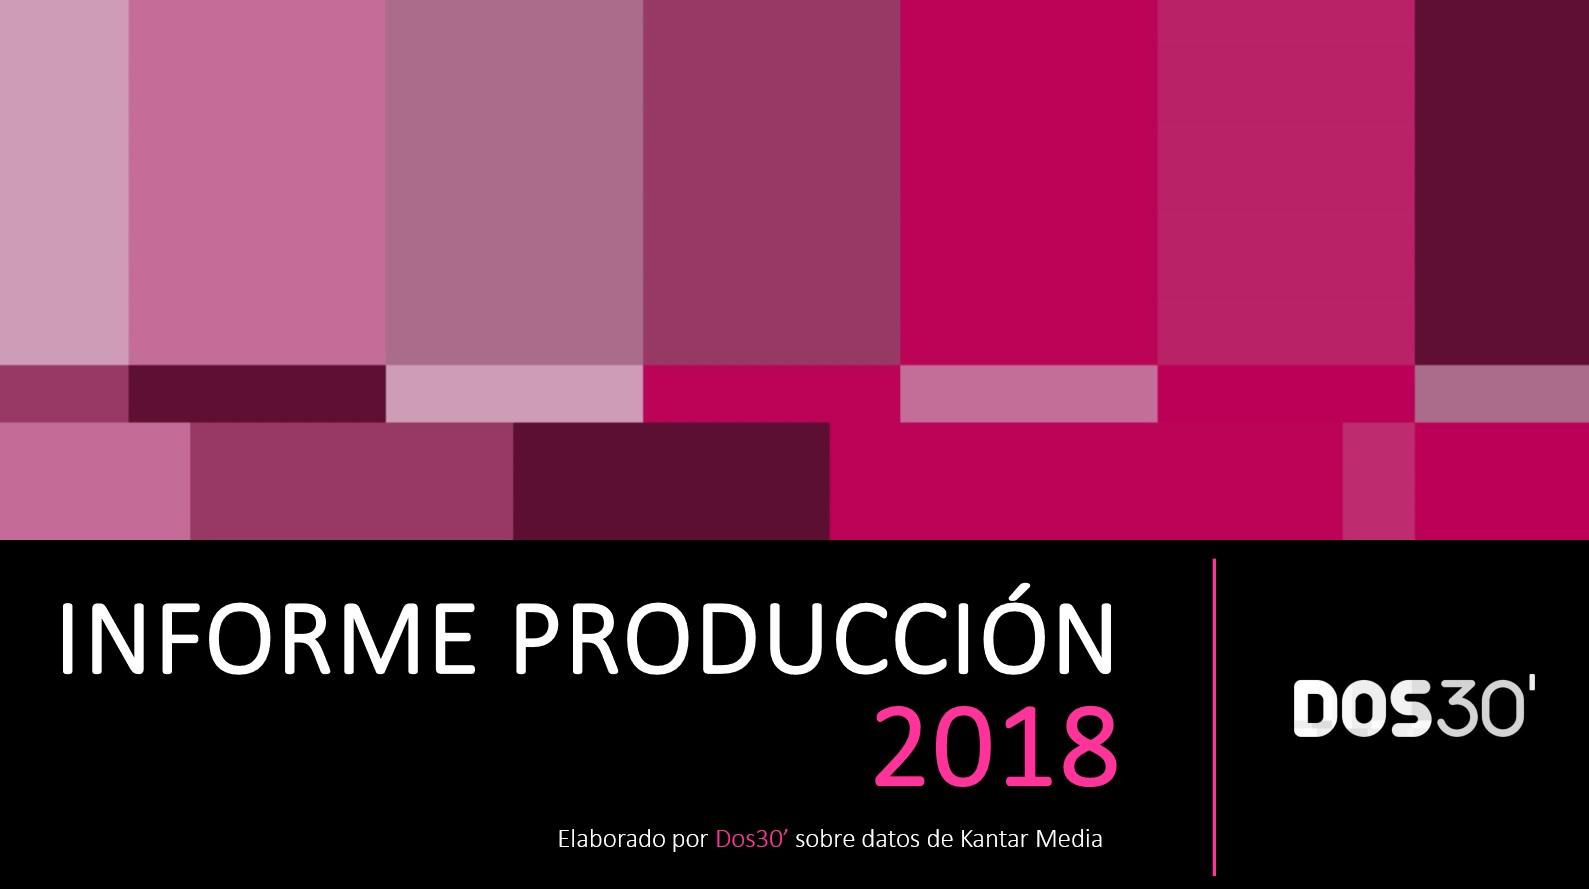 INFORME DE PRODUCCIÓN 2018